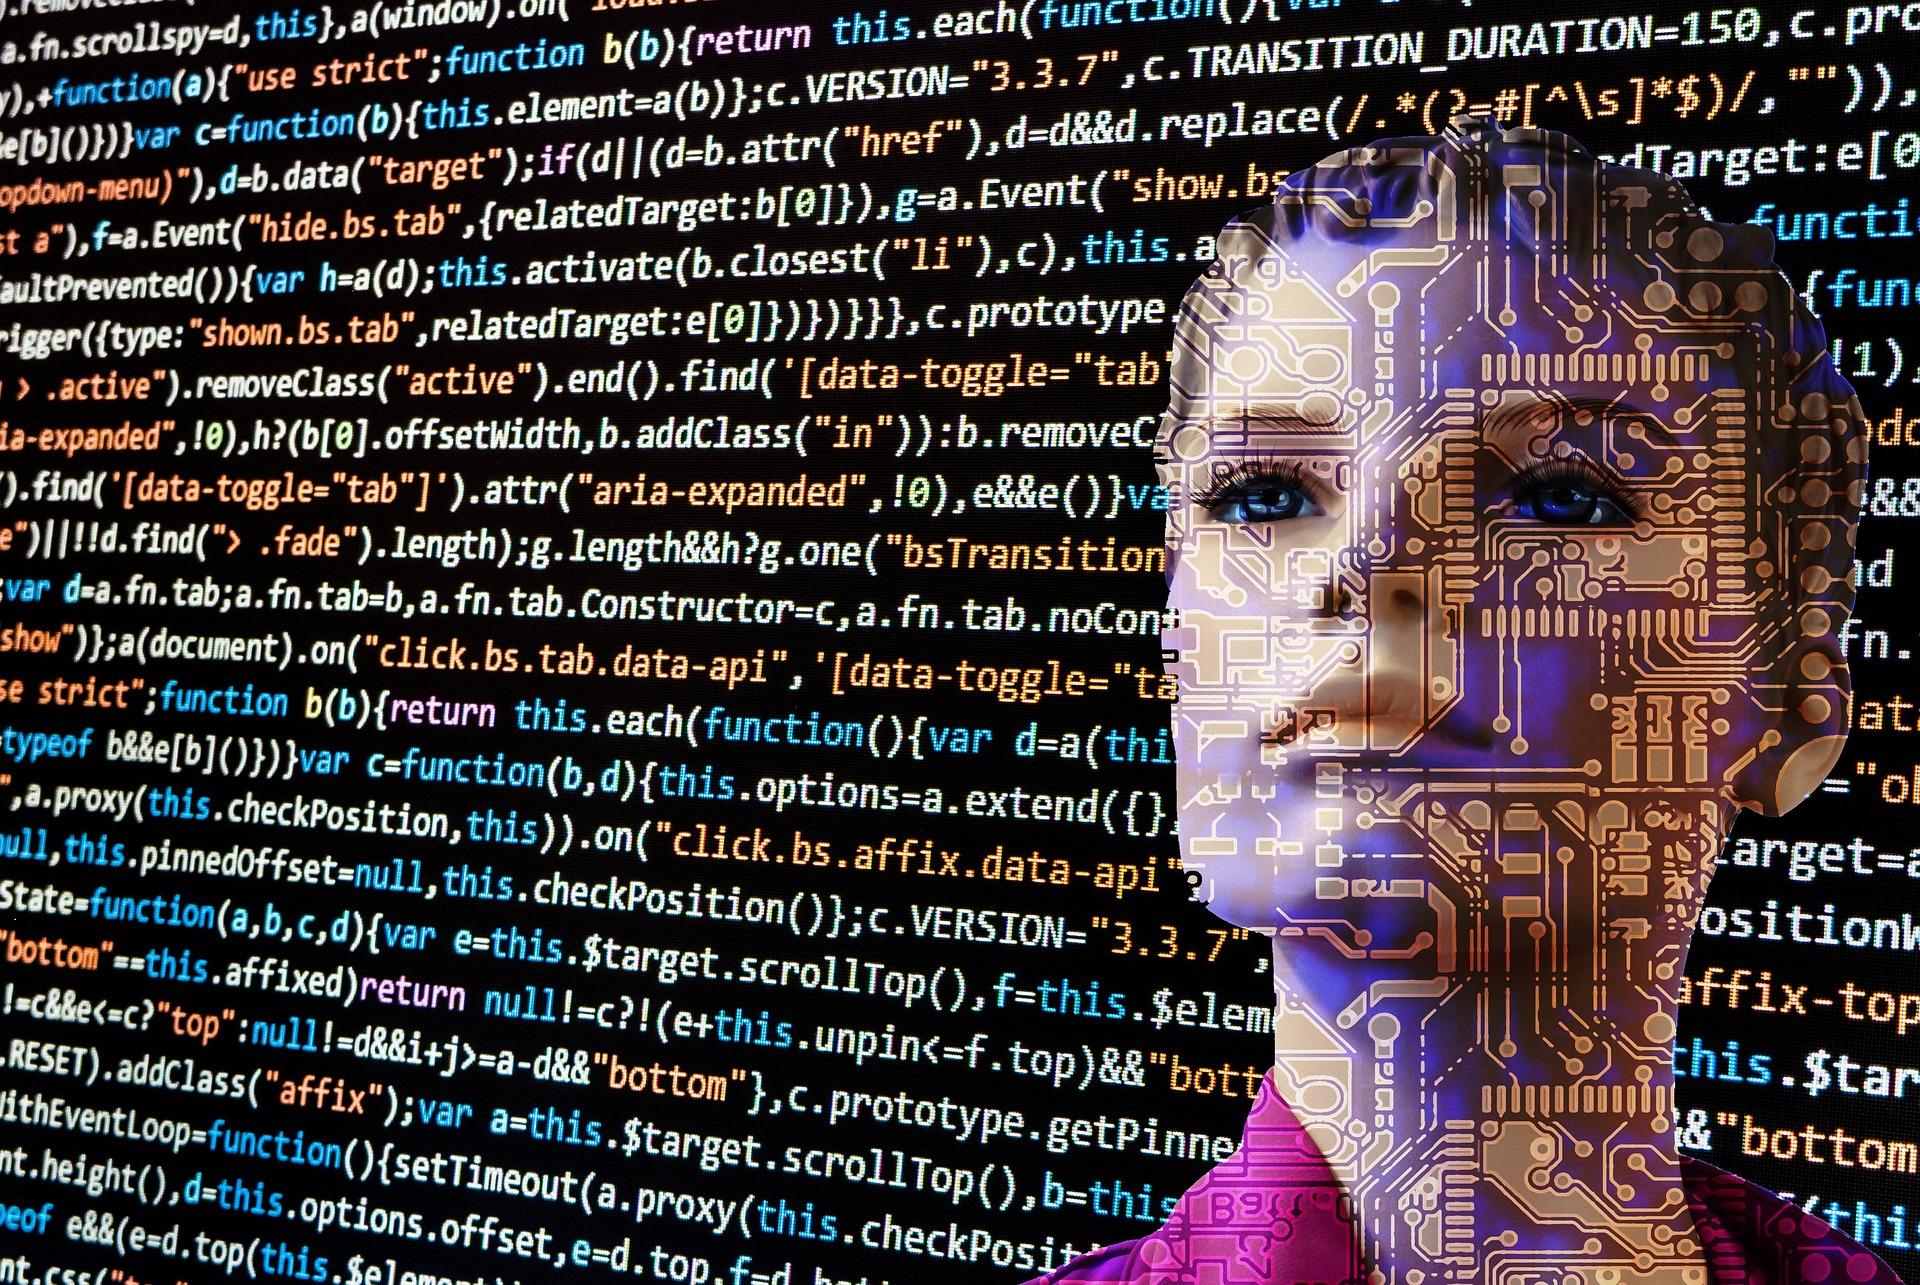 Er kunstig intelligens bare statistikk og grafteori?